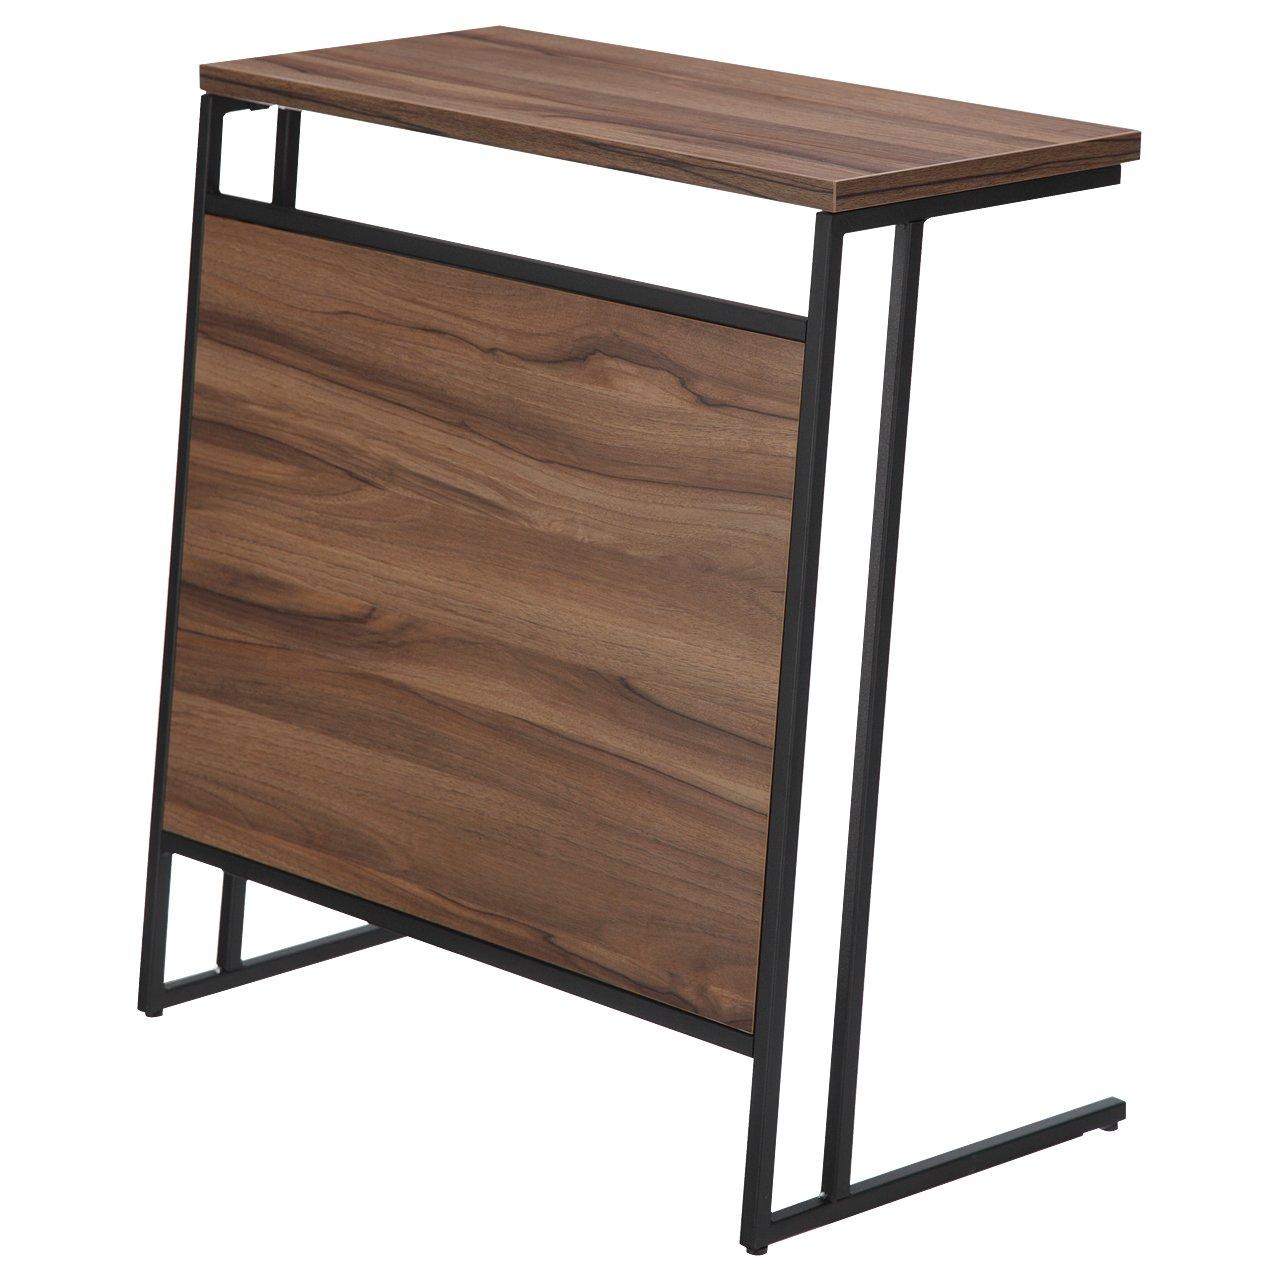 ヒーター付ソファテーブル ウノ B015IIEJTG テーブル+ヒーター  テーブル+ヒーター